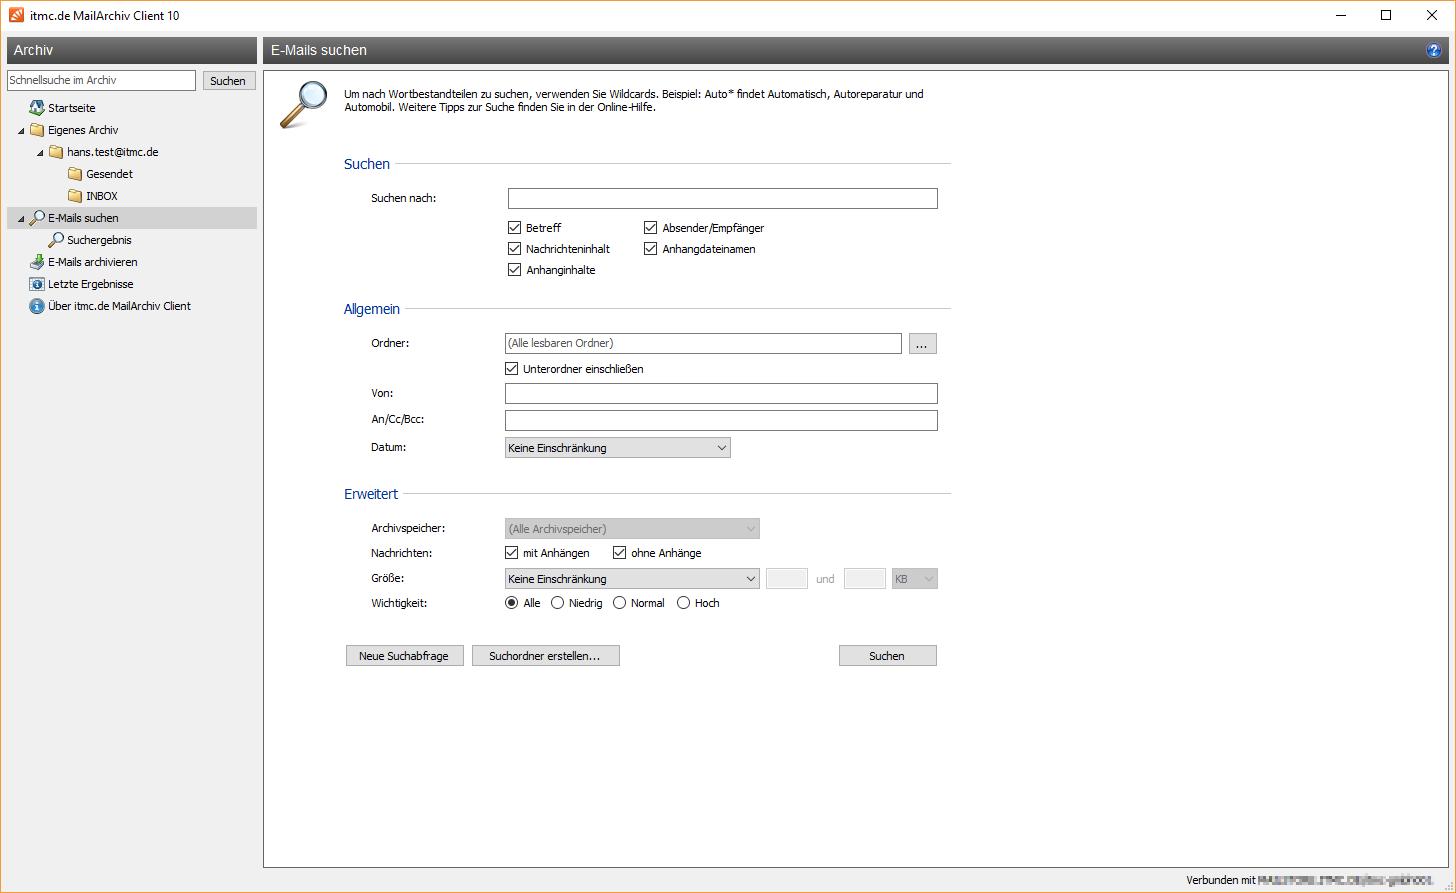 itmc.de MailArchiv Client Suchfunktion